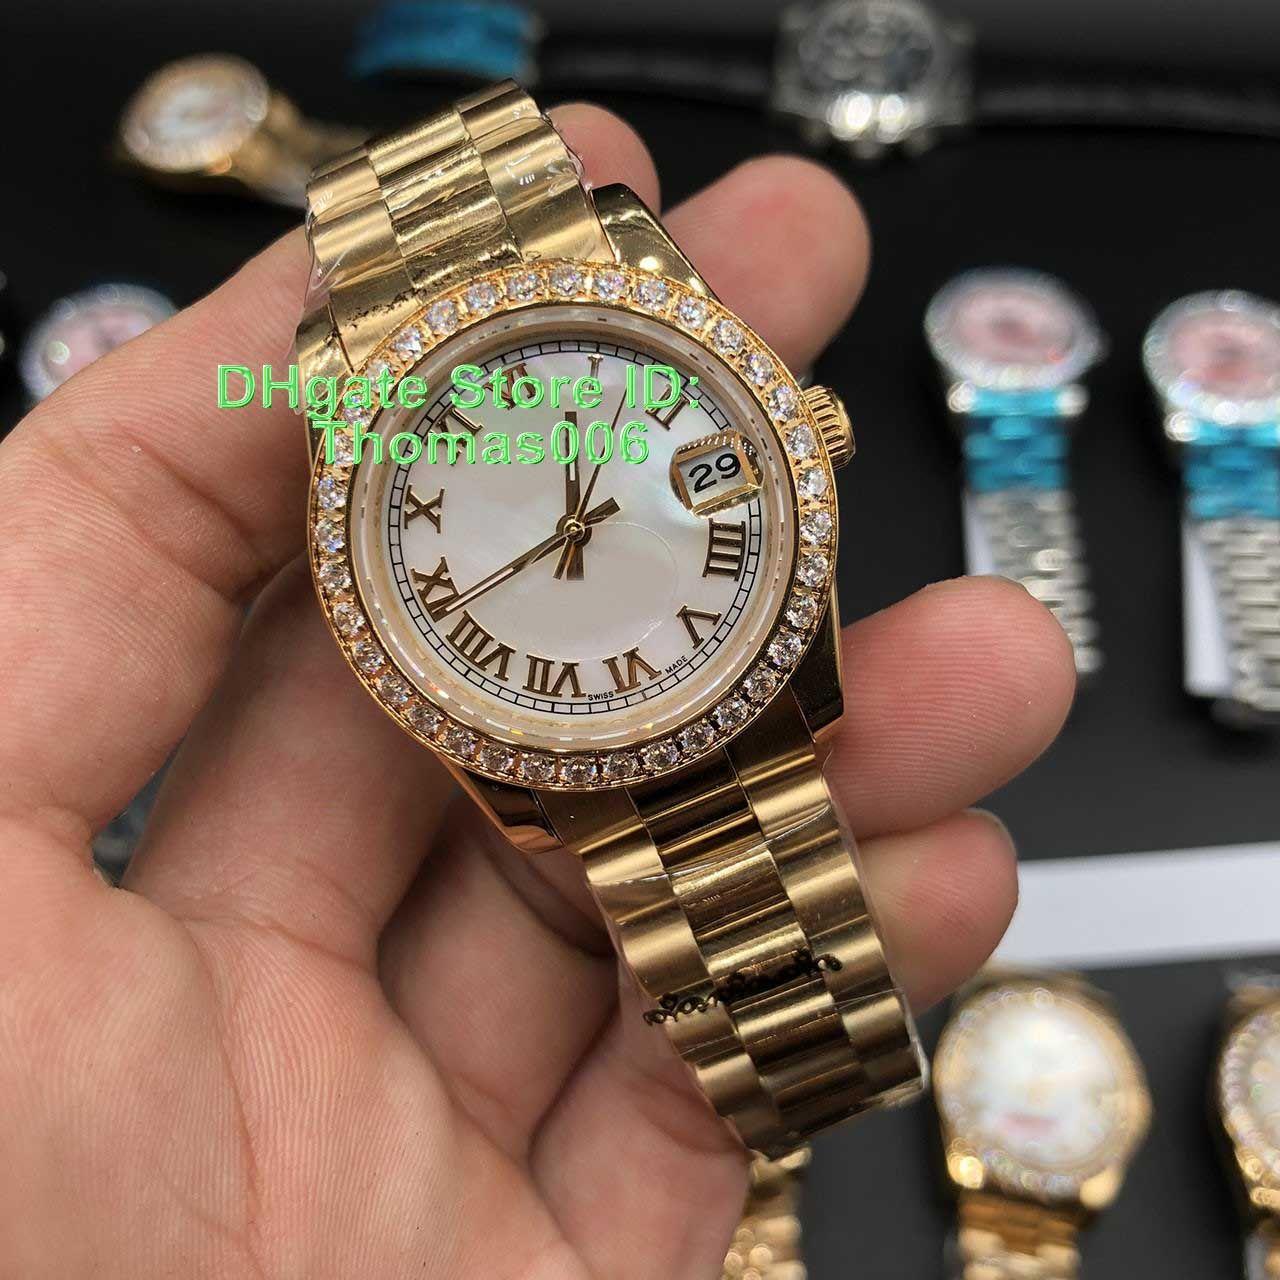 12 ألوان أفضل بائع watchpresidd الماس الحافة النساء غير القابل للصدأ الساعات أدنى سعر إمرأة السيدات التلقائي الميكانيكية ووتش 36 ملليمتر هدية